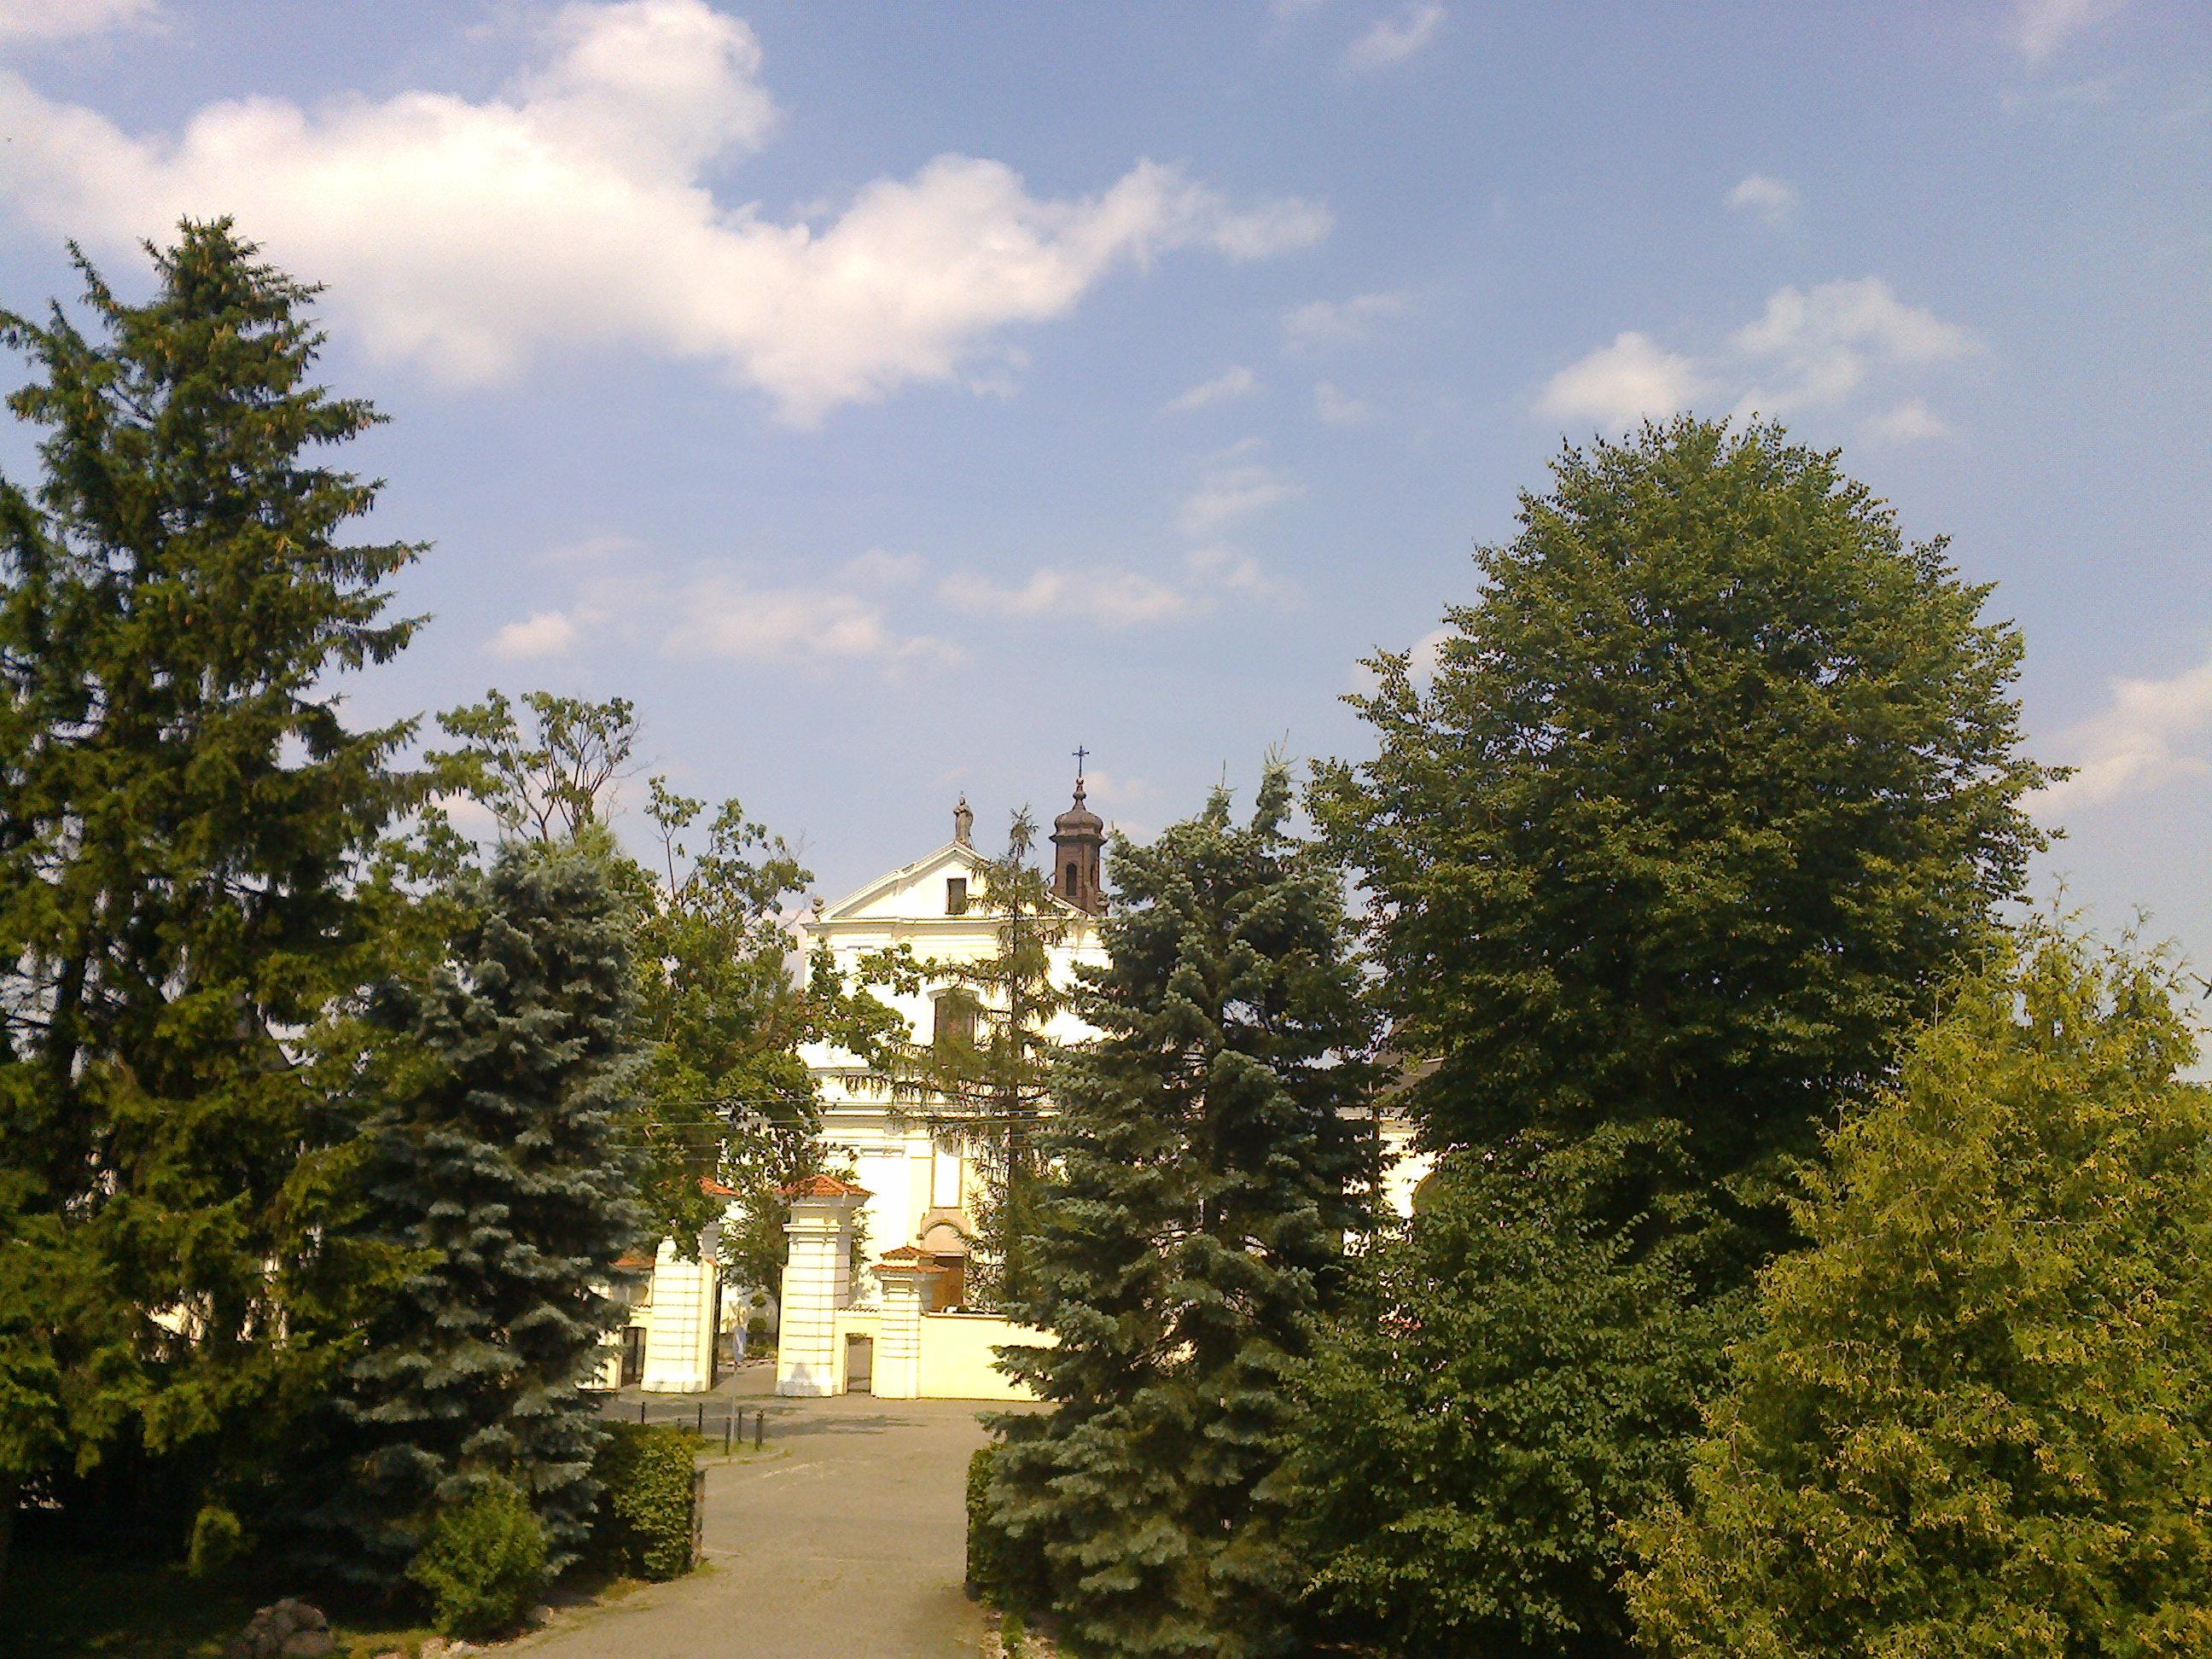 Kościół i ogrody plebanii